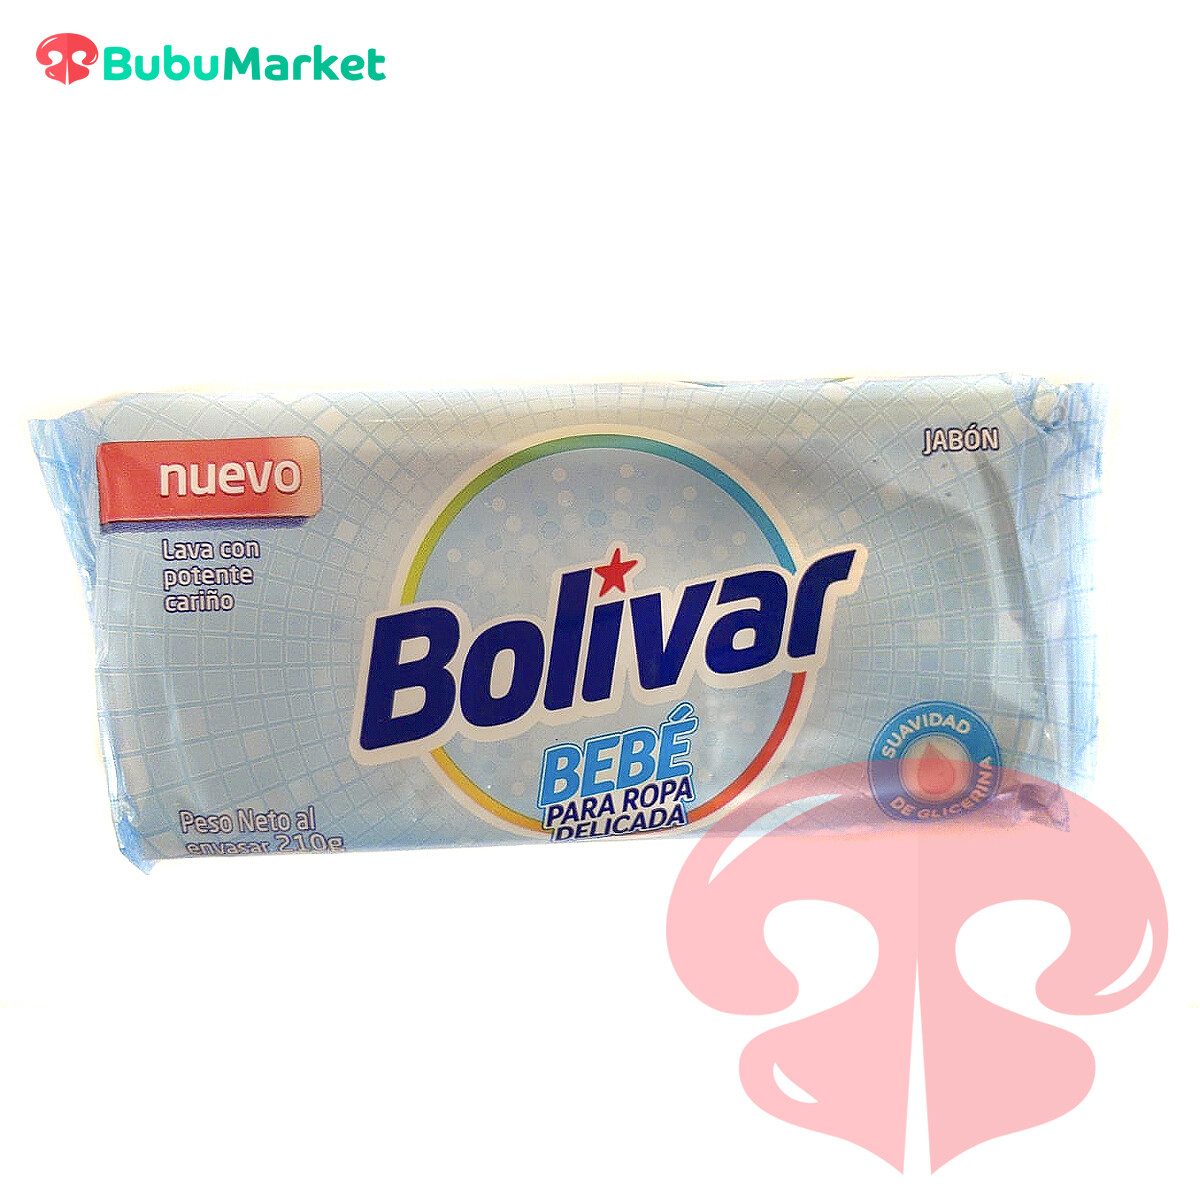 JABON BOLIVAR BEBE ROPA DELICADA BARRA DE 210 GR.